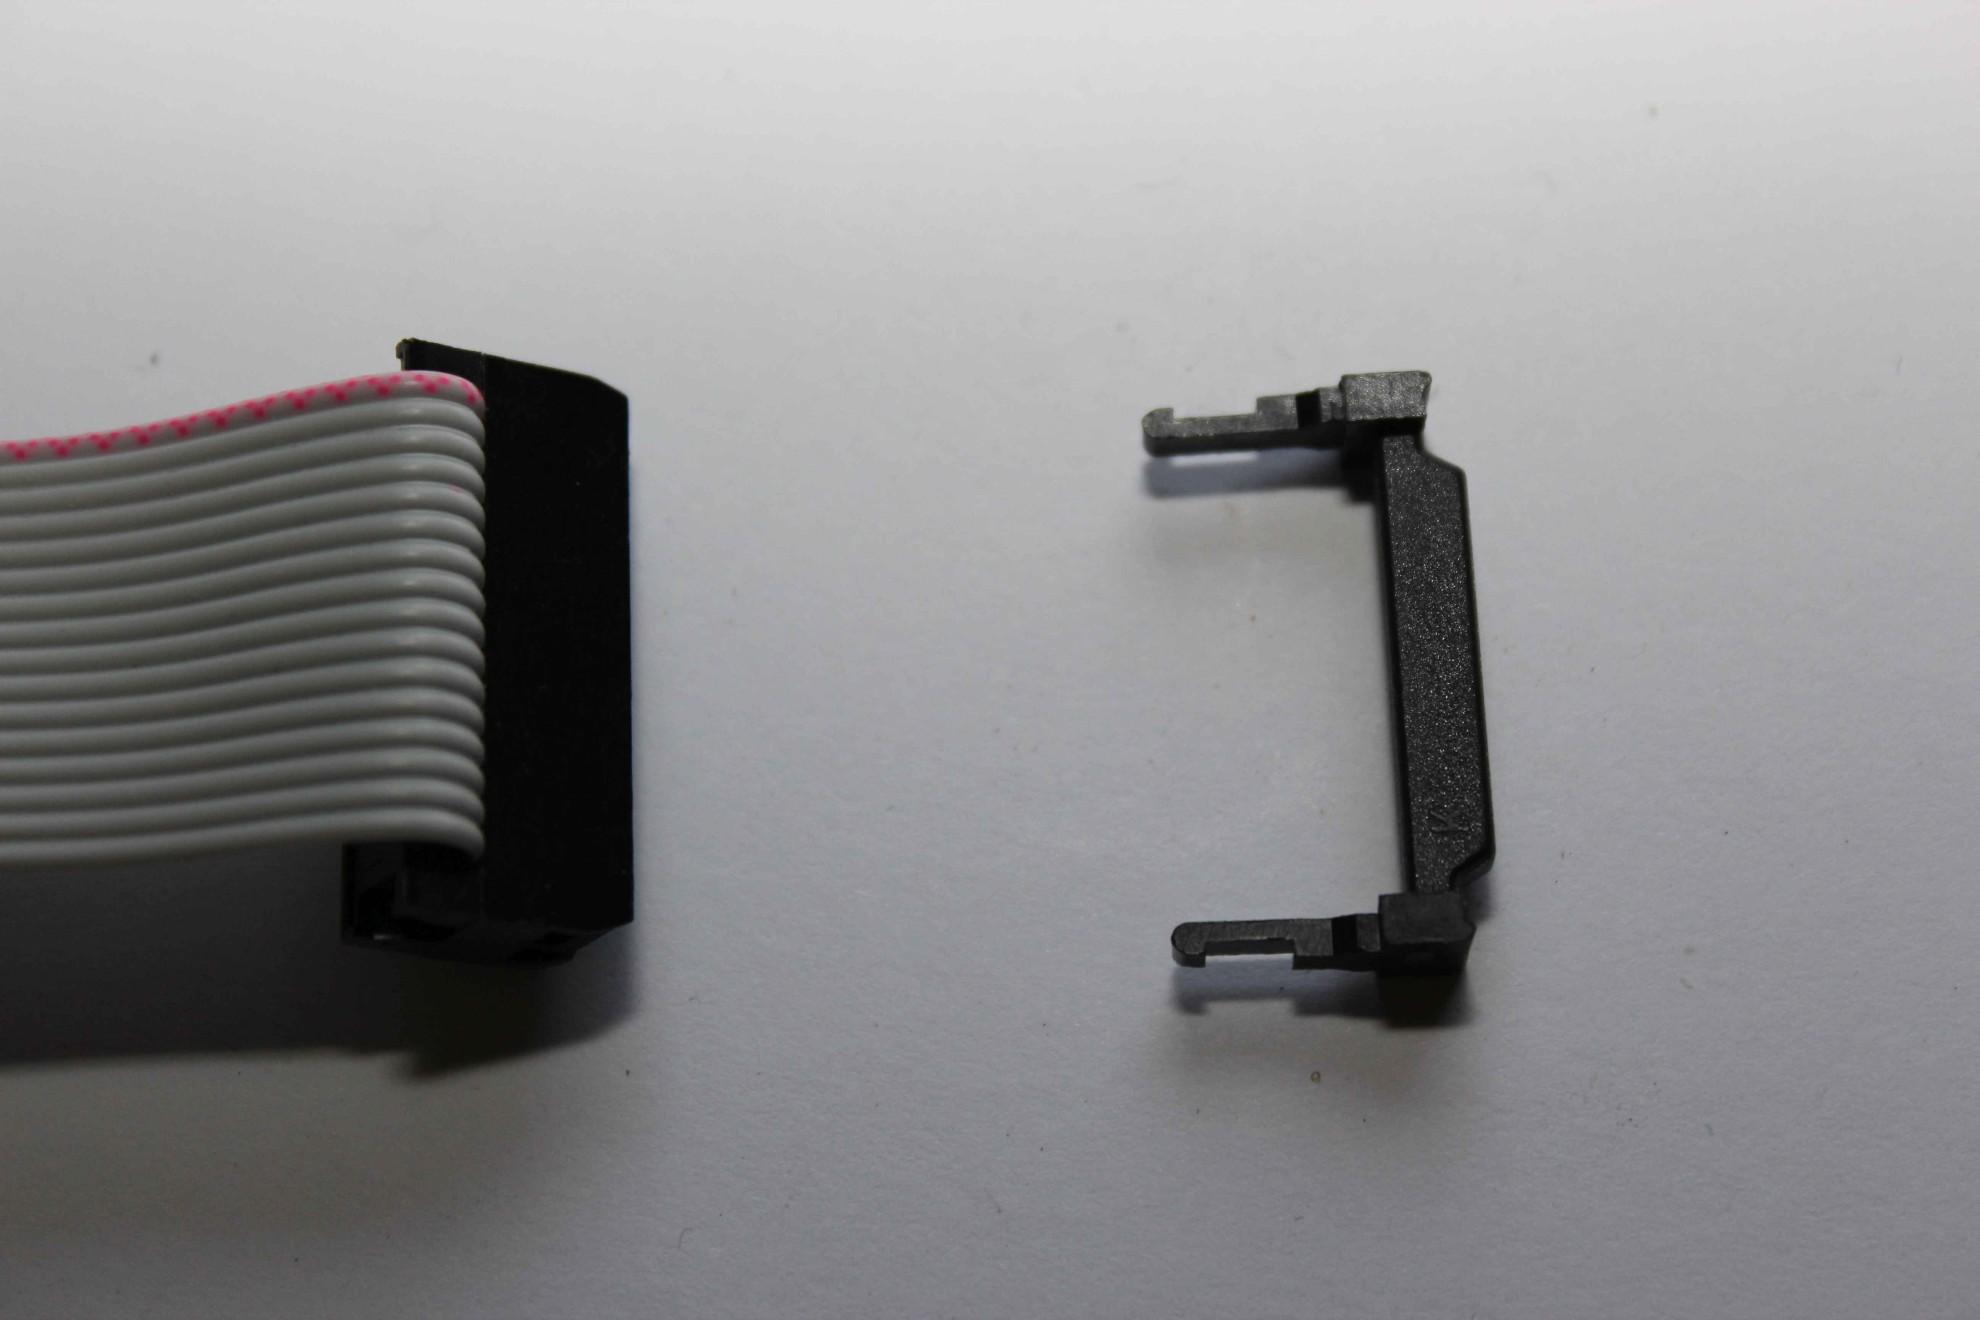 inteligentny budynek eHouse podłączenie wejść do Ethernet RoomManagera